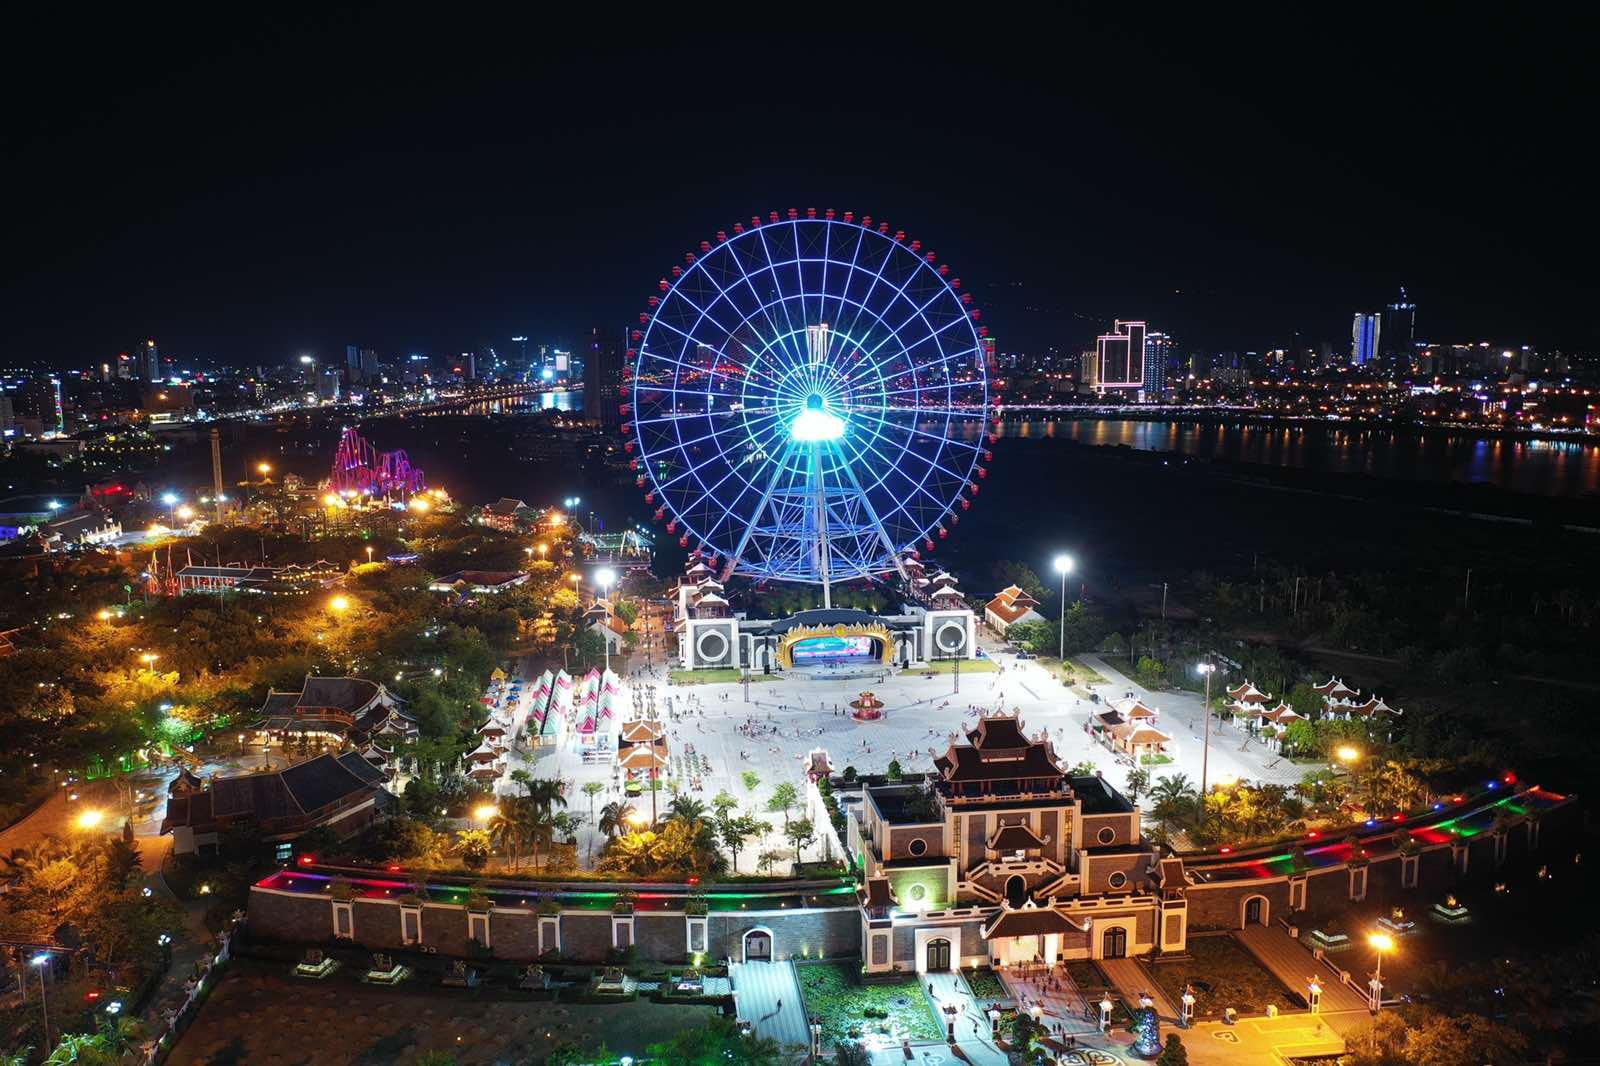 Toàn cảnh công viên châu Á - Asia Park về đêm. (nguồn ảnh)